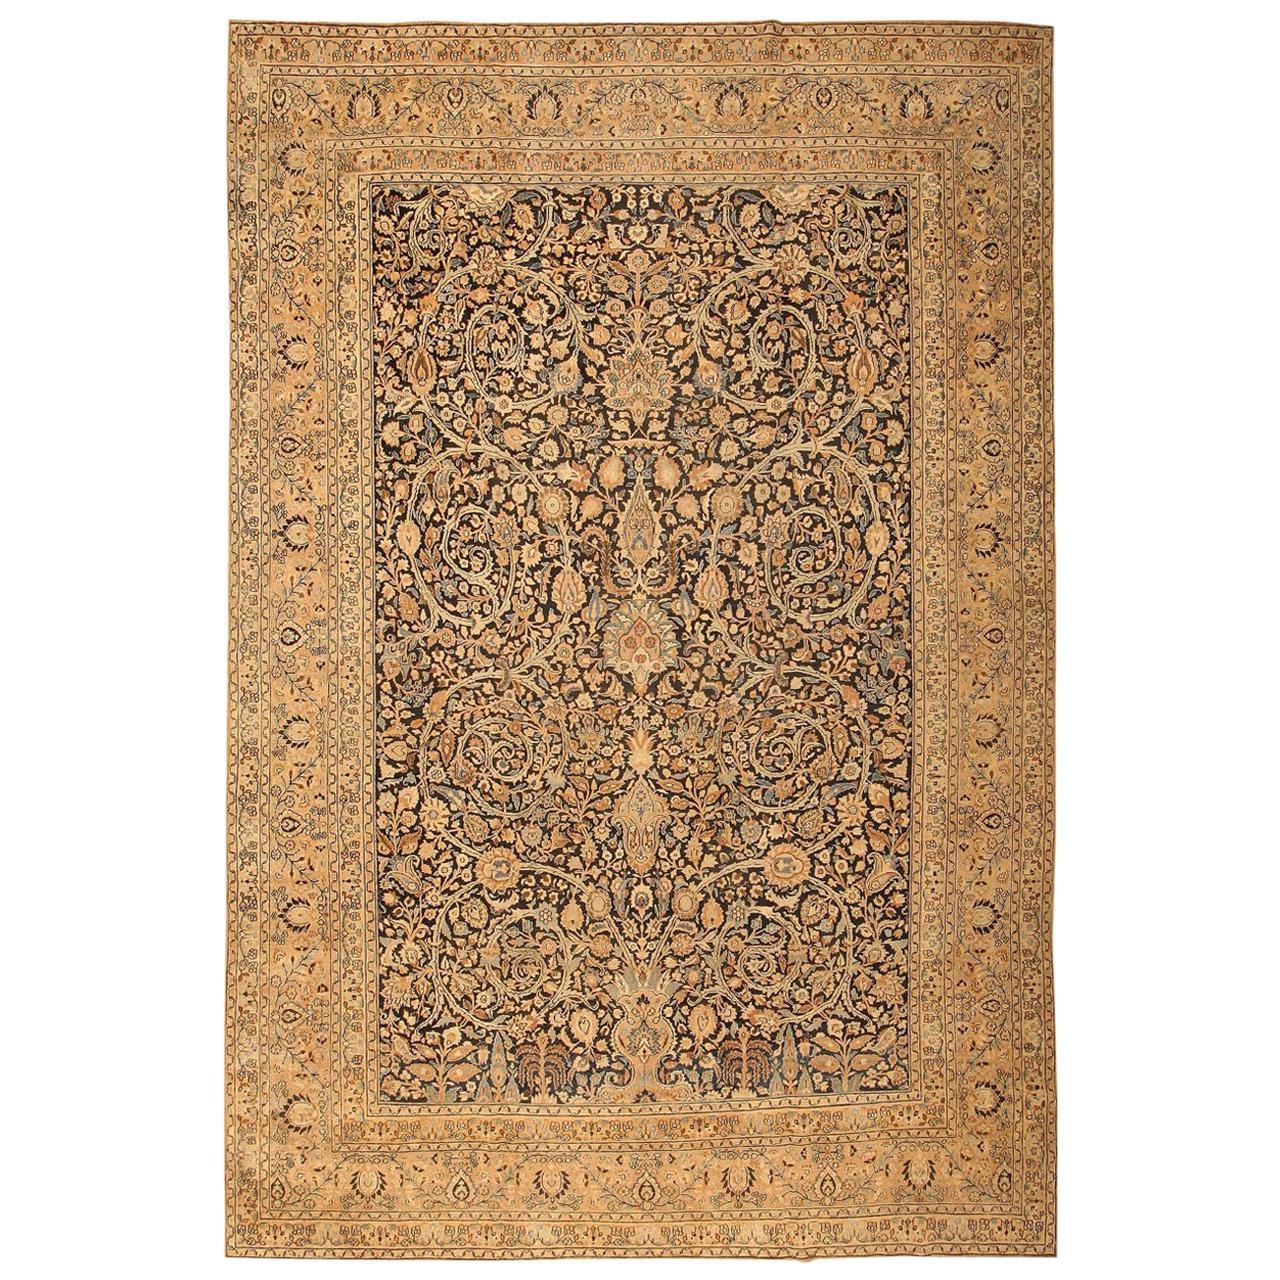 Fine Decorative Large Antique Khorassan Persian Carpet